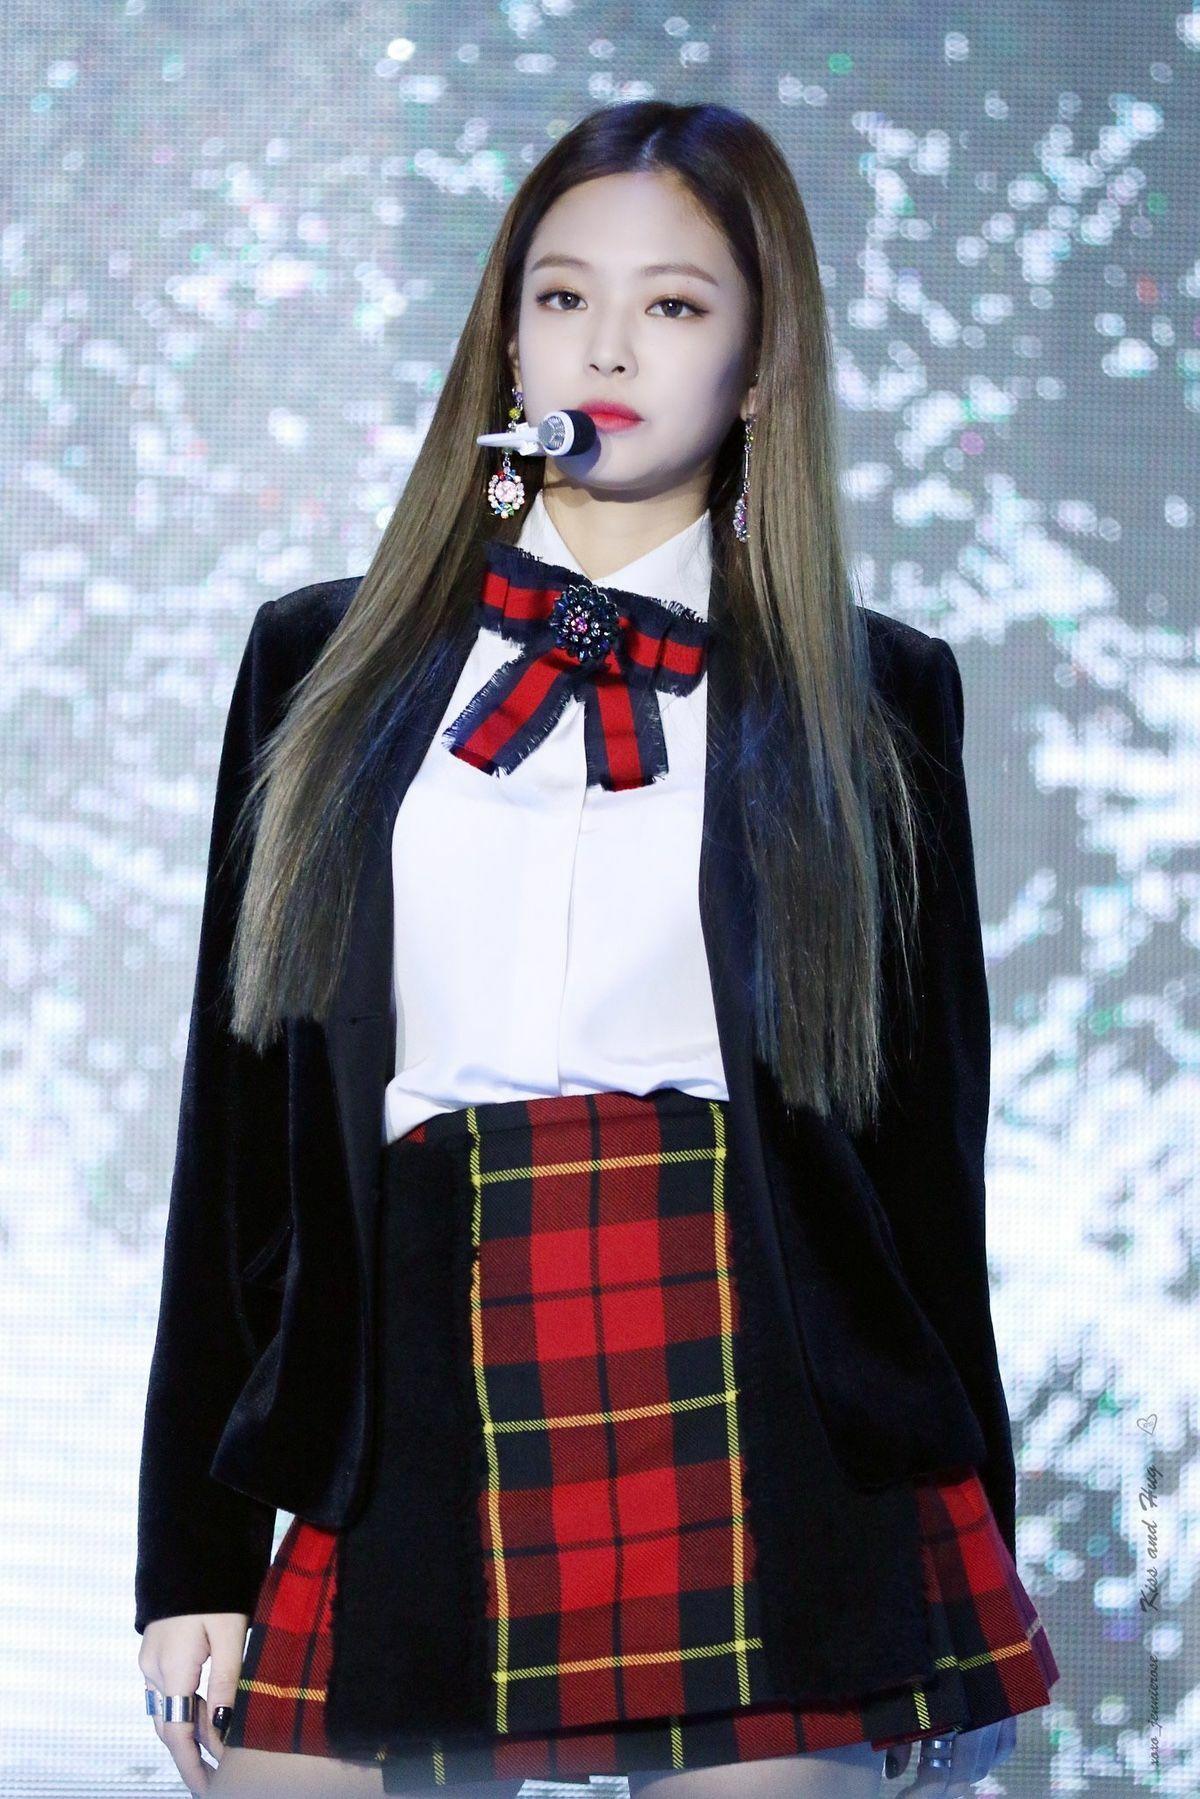 Ngay từ lúc mới debut, Jennie đã được mệnh danh là idol sang chảnh. Danh hiệu này càng được thể hiện rõ với outfit nữ idol diện lên sân khấu. Vẻ ngoài của cô nàng trông như một nữ hoàng trường học với sơ mi trắng cài nơ Gucci, kết hợp chân váy caro tông xuyệt tông.